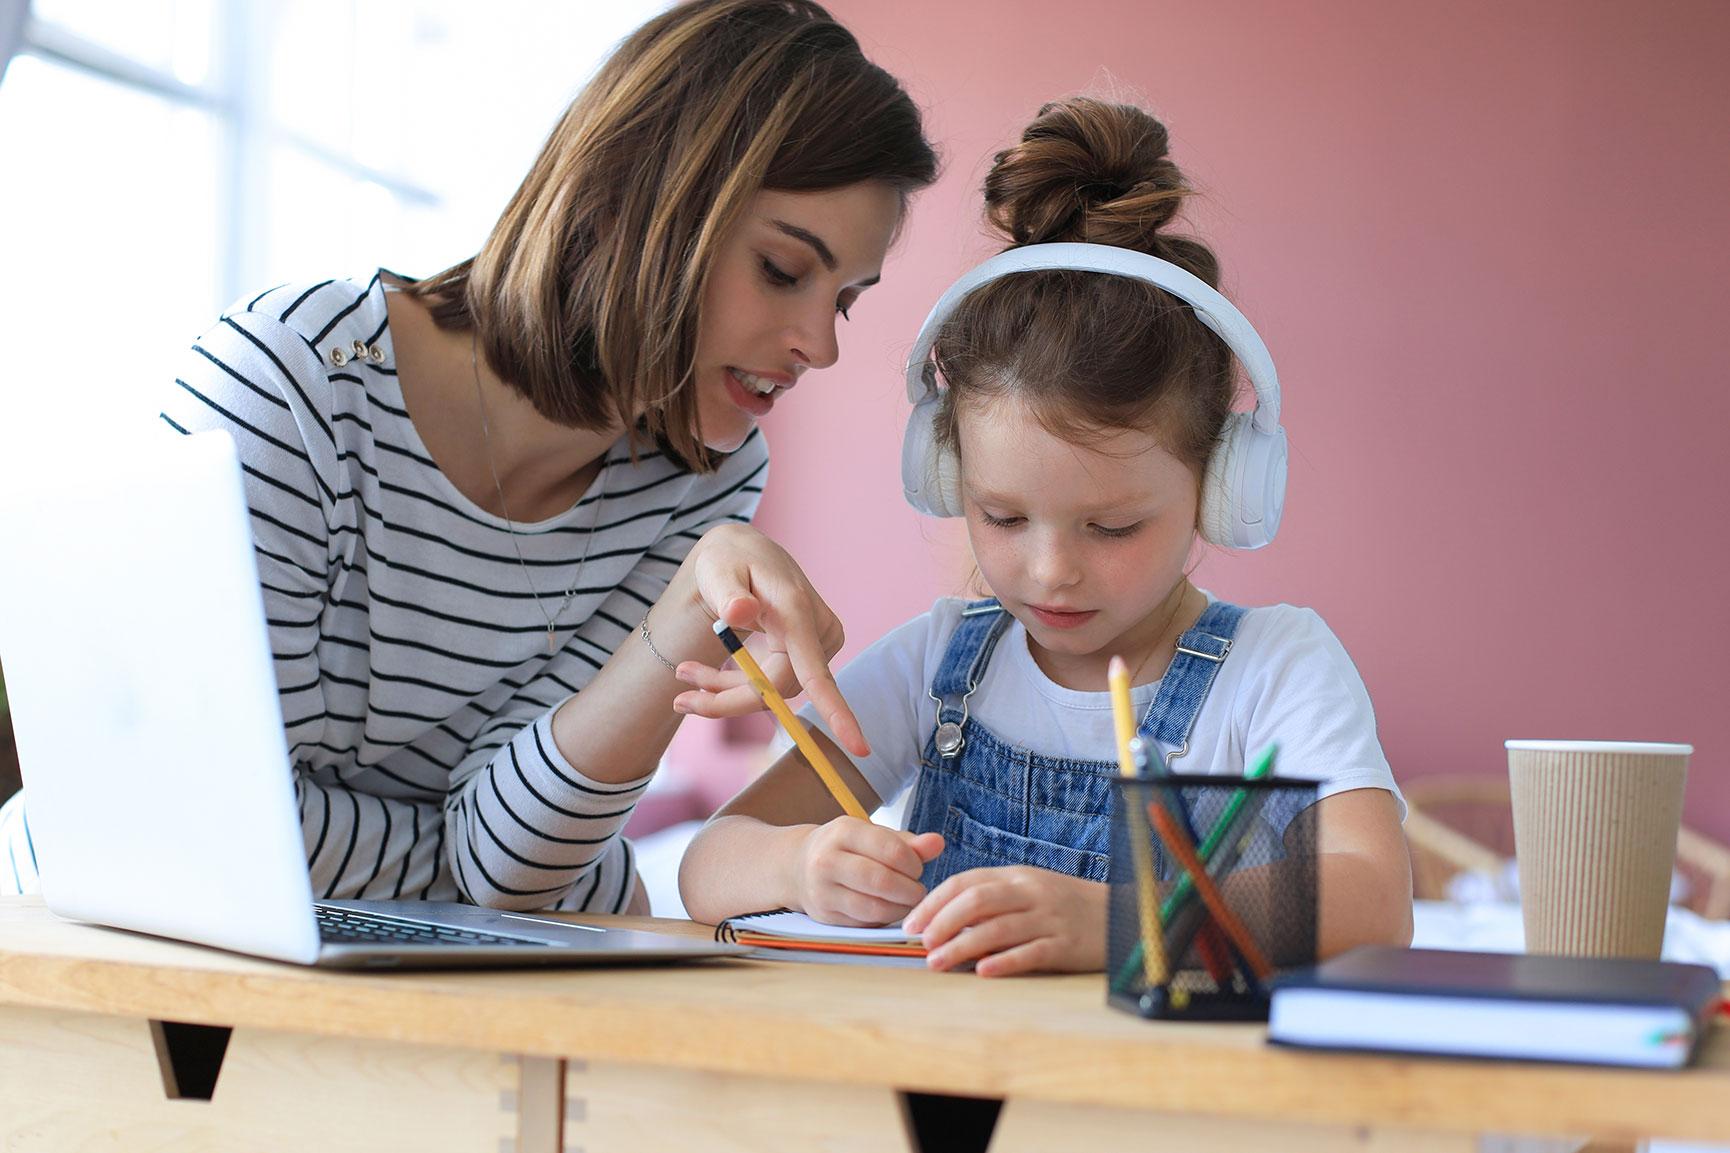 Begleiterin hilft Kind bei den Hausaufgaben